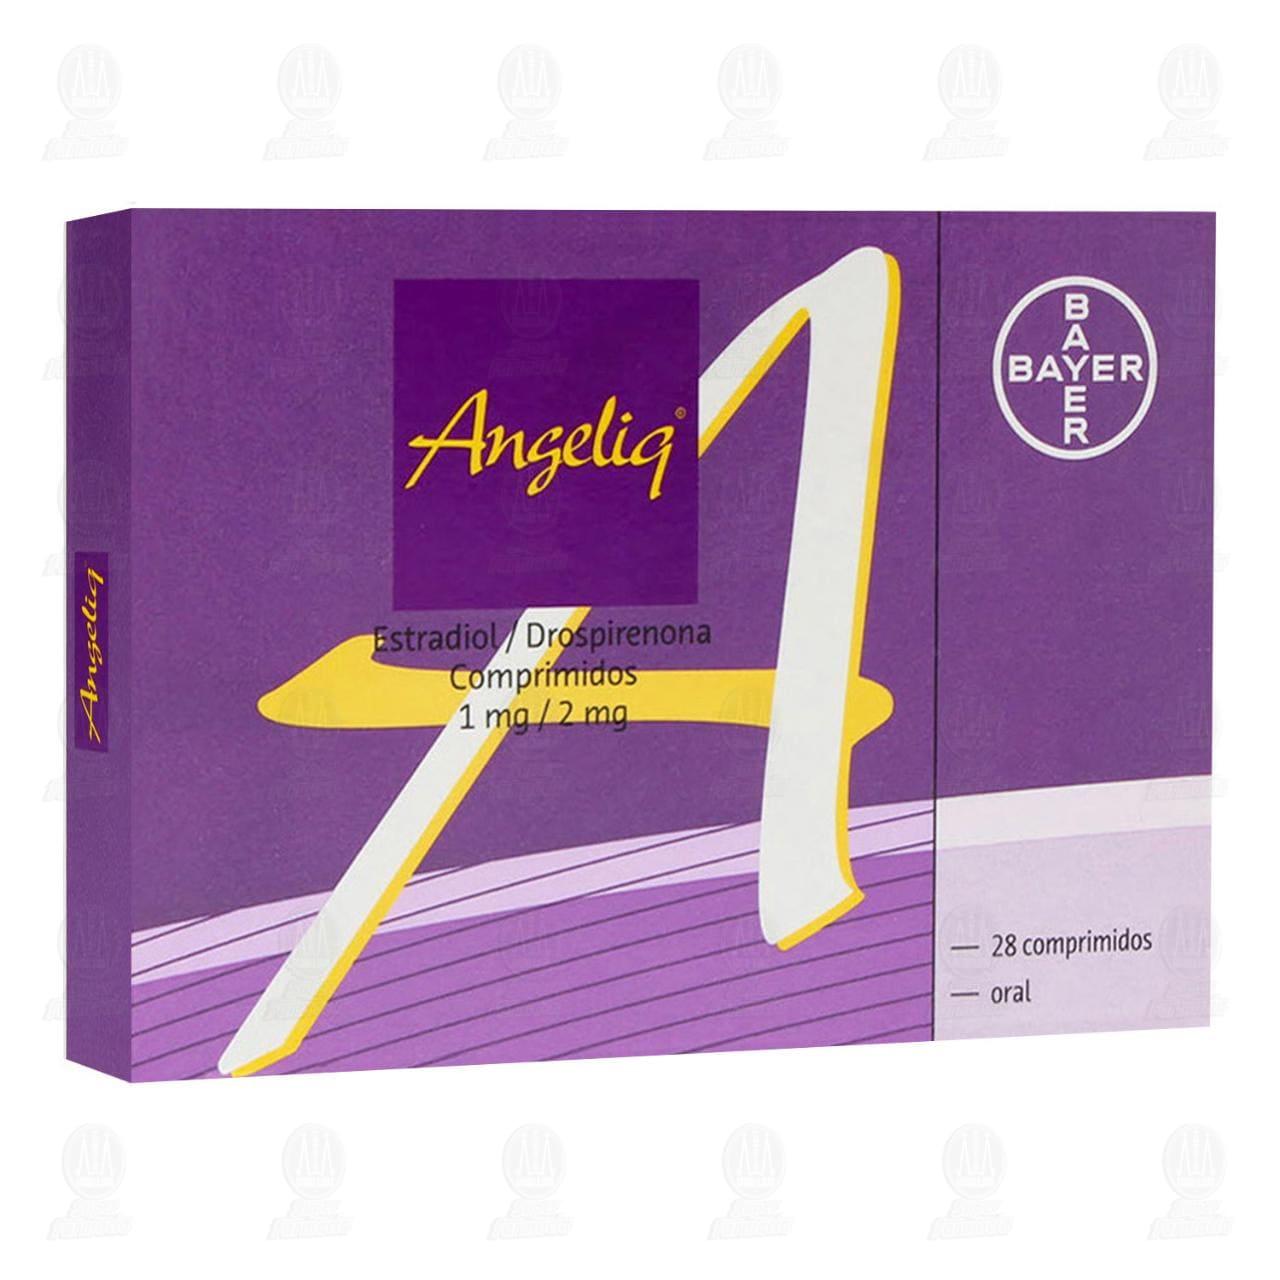 Angeliq 1mg/2mg 28 Comprimidos